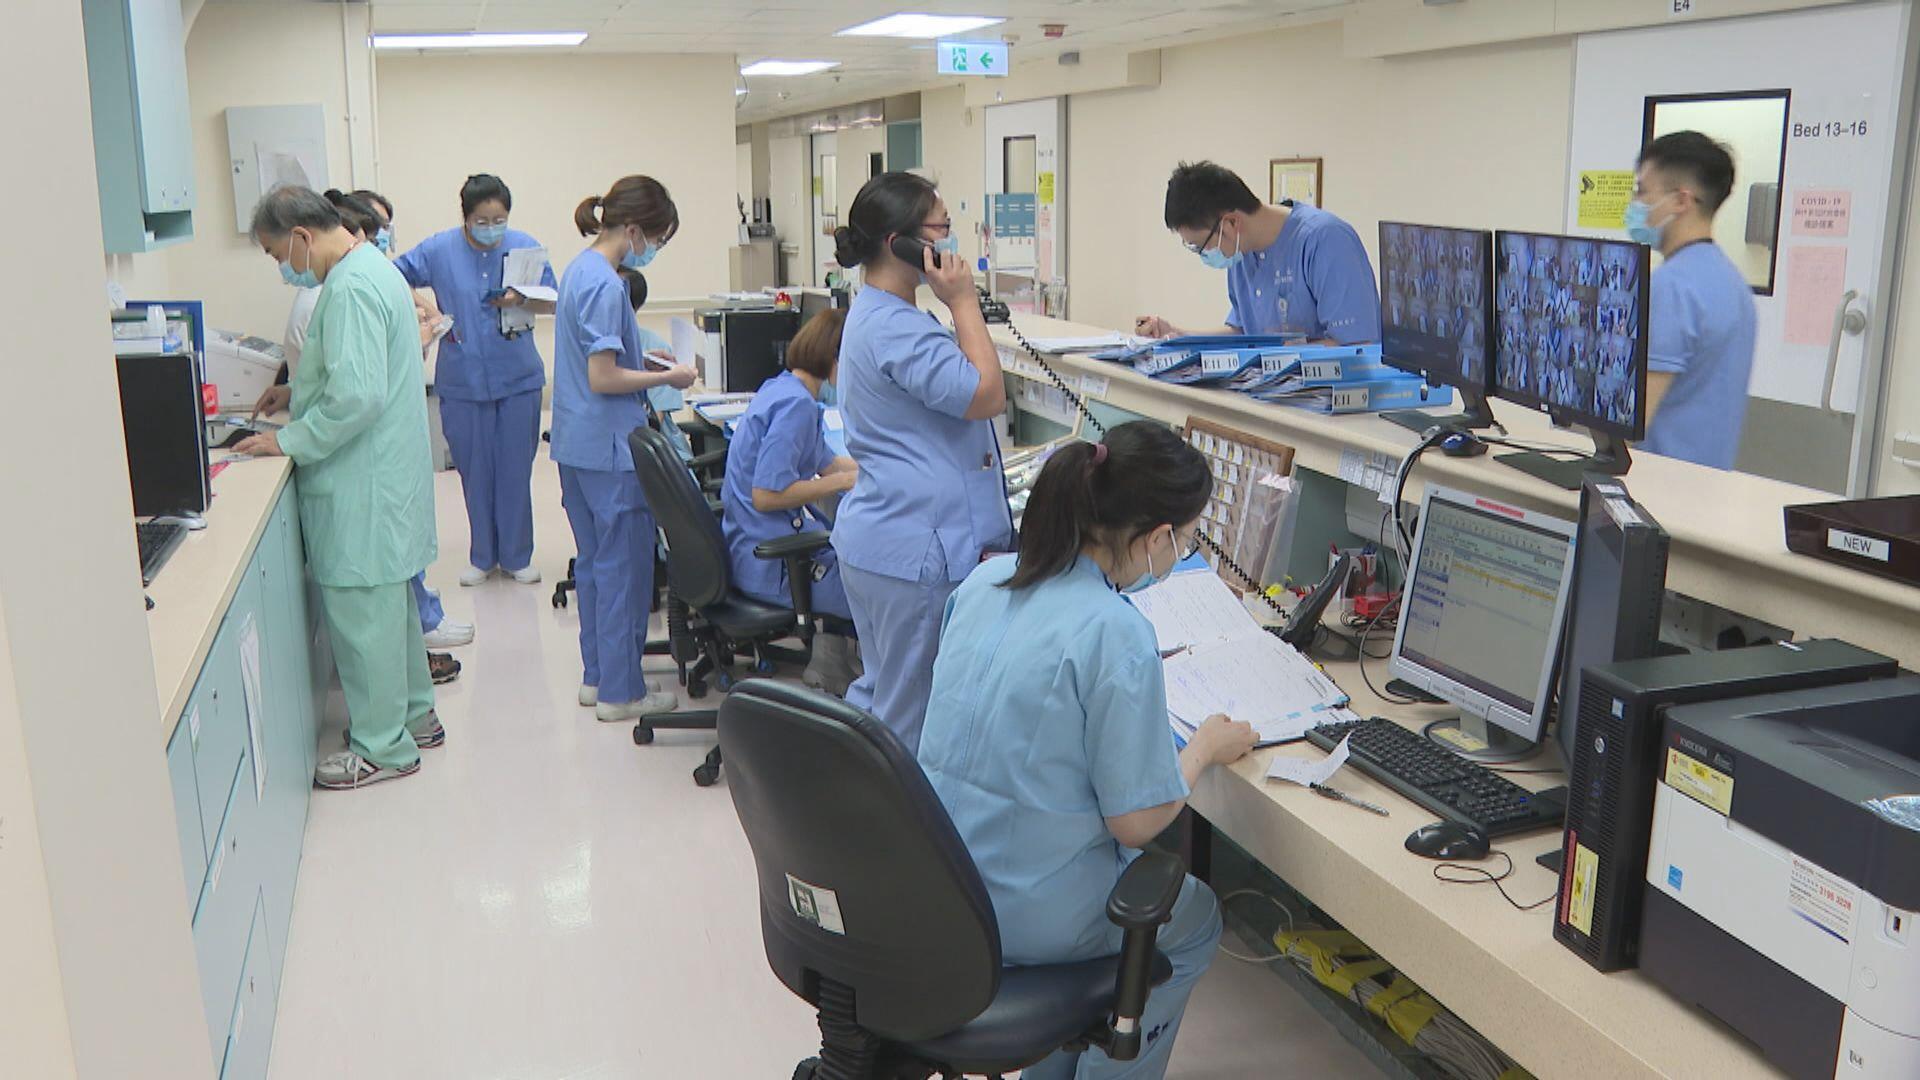 陳肇始:港人專科醫生未必考慮回港執業 需放寬門檻